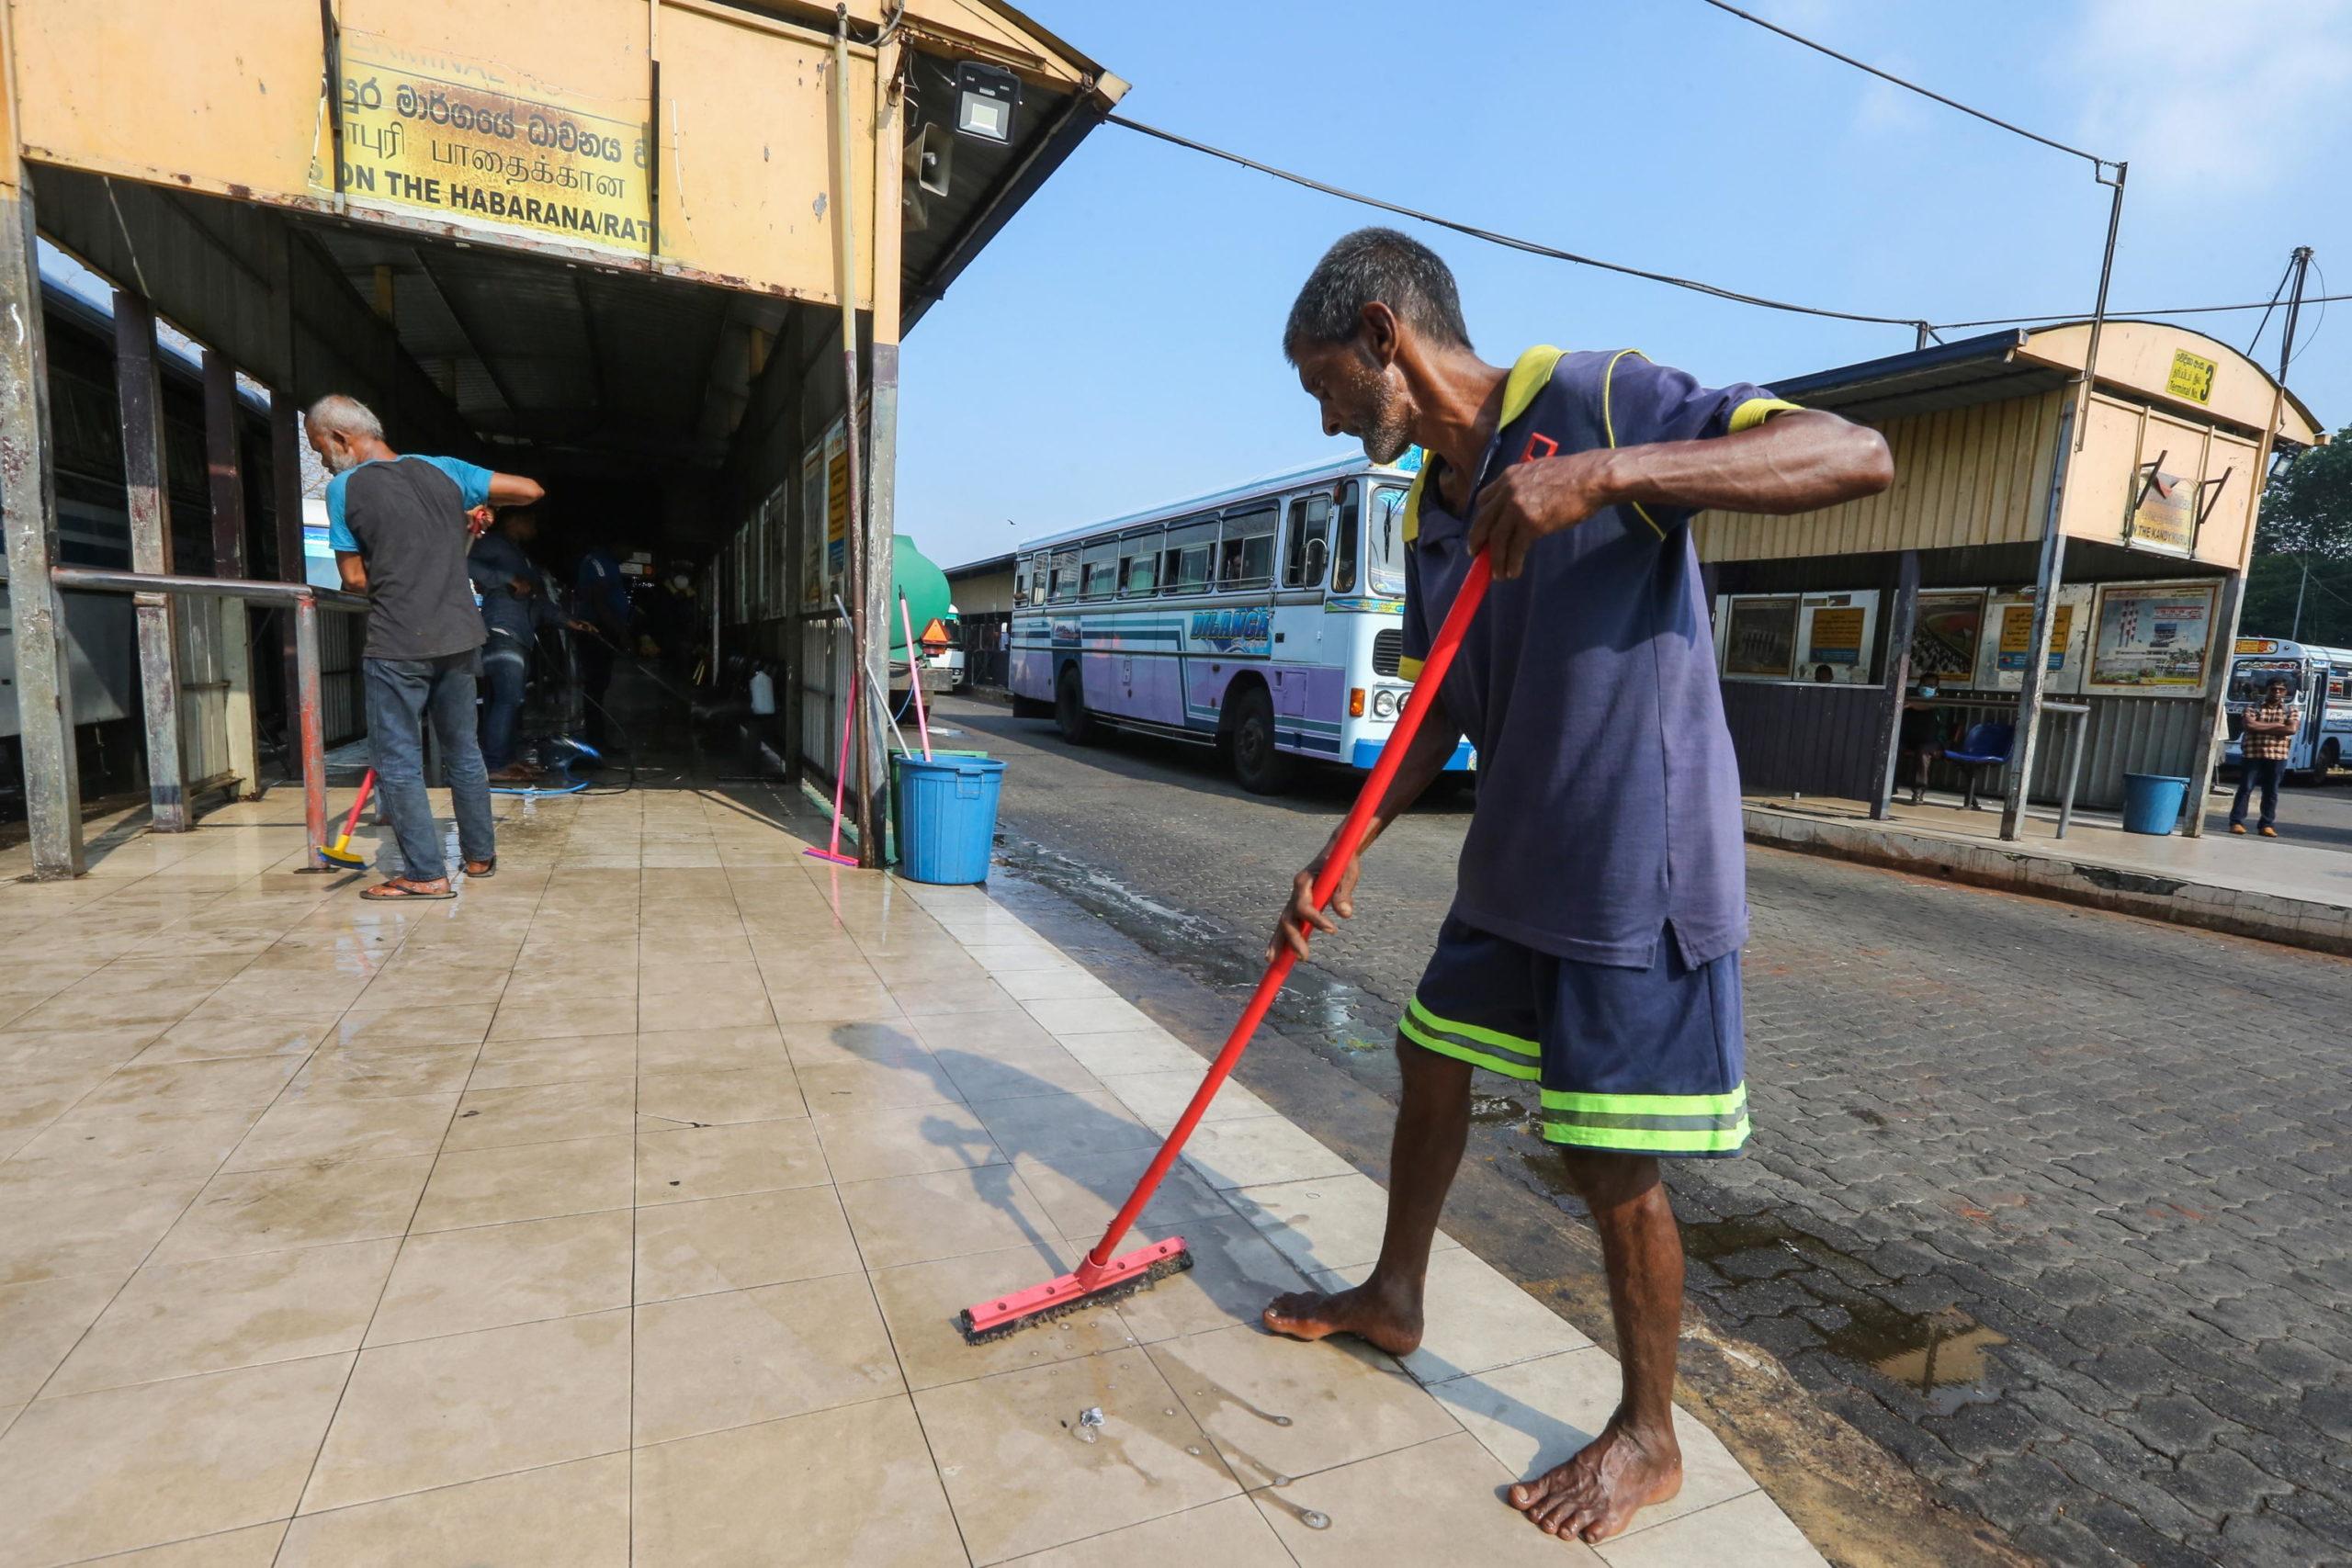 Sri Lanka: le persone puliscono una stazione degli autobus nella città di Colombo, come precauzione per il rischio contagi. In Sri Lanka sono chiusi scuole di ogni ordine e grado, università e cinema ed è vietata qualsiasi forma di assembramento pubblico.